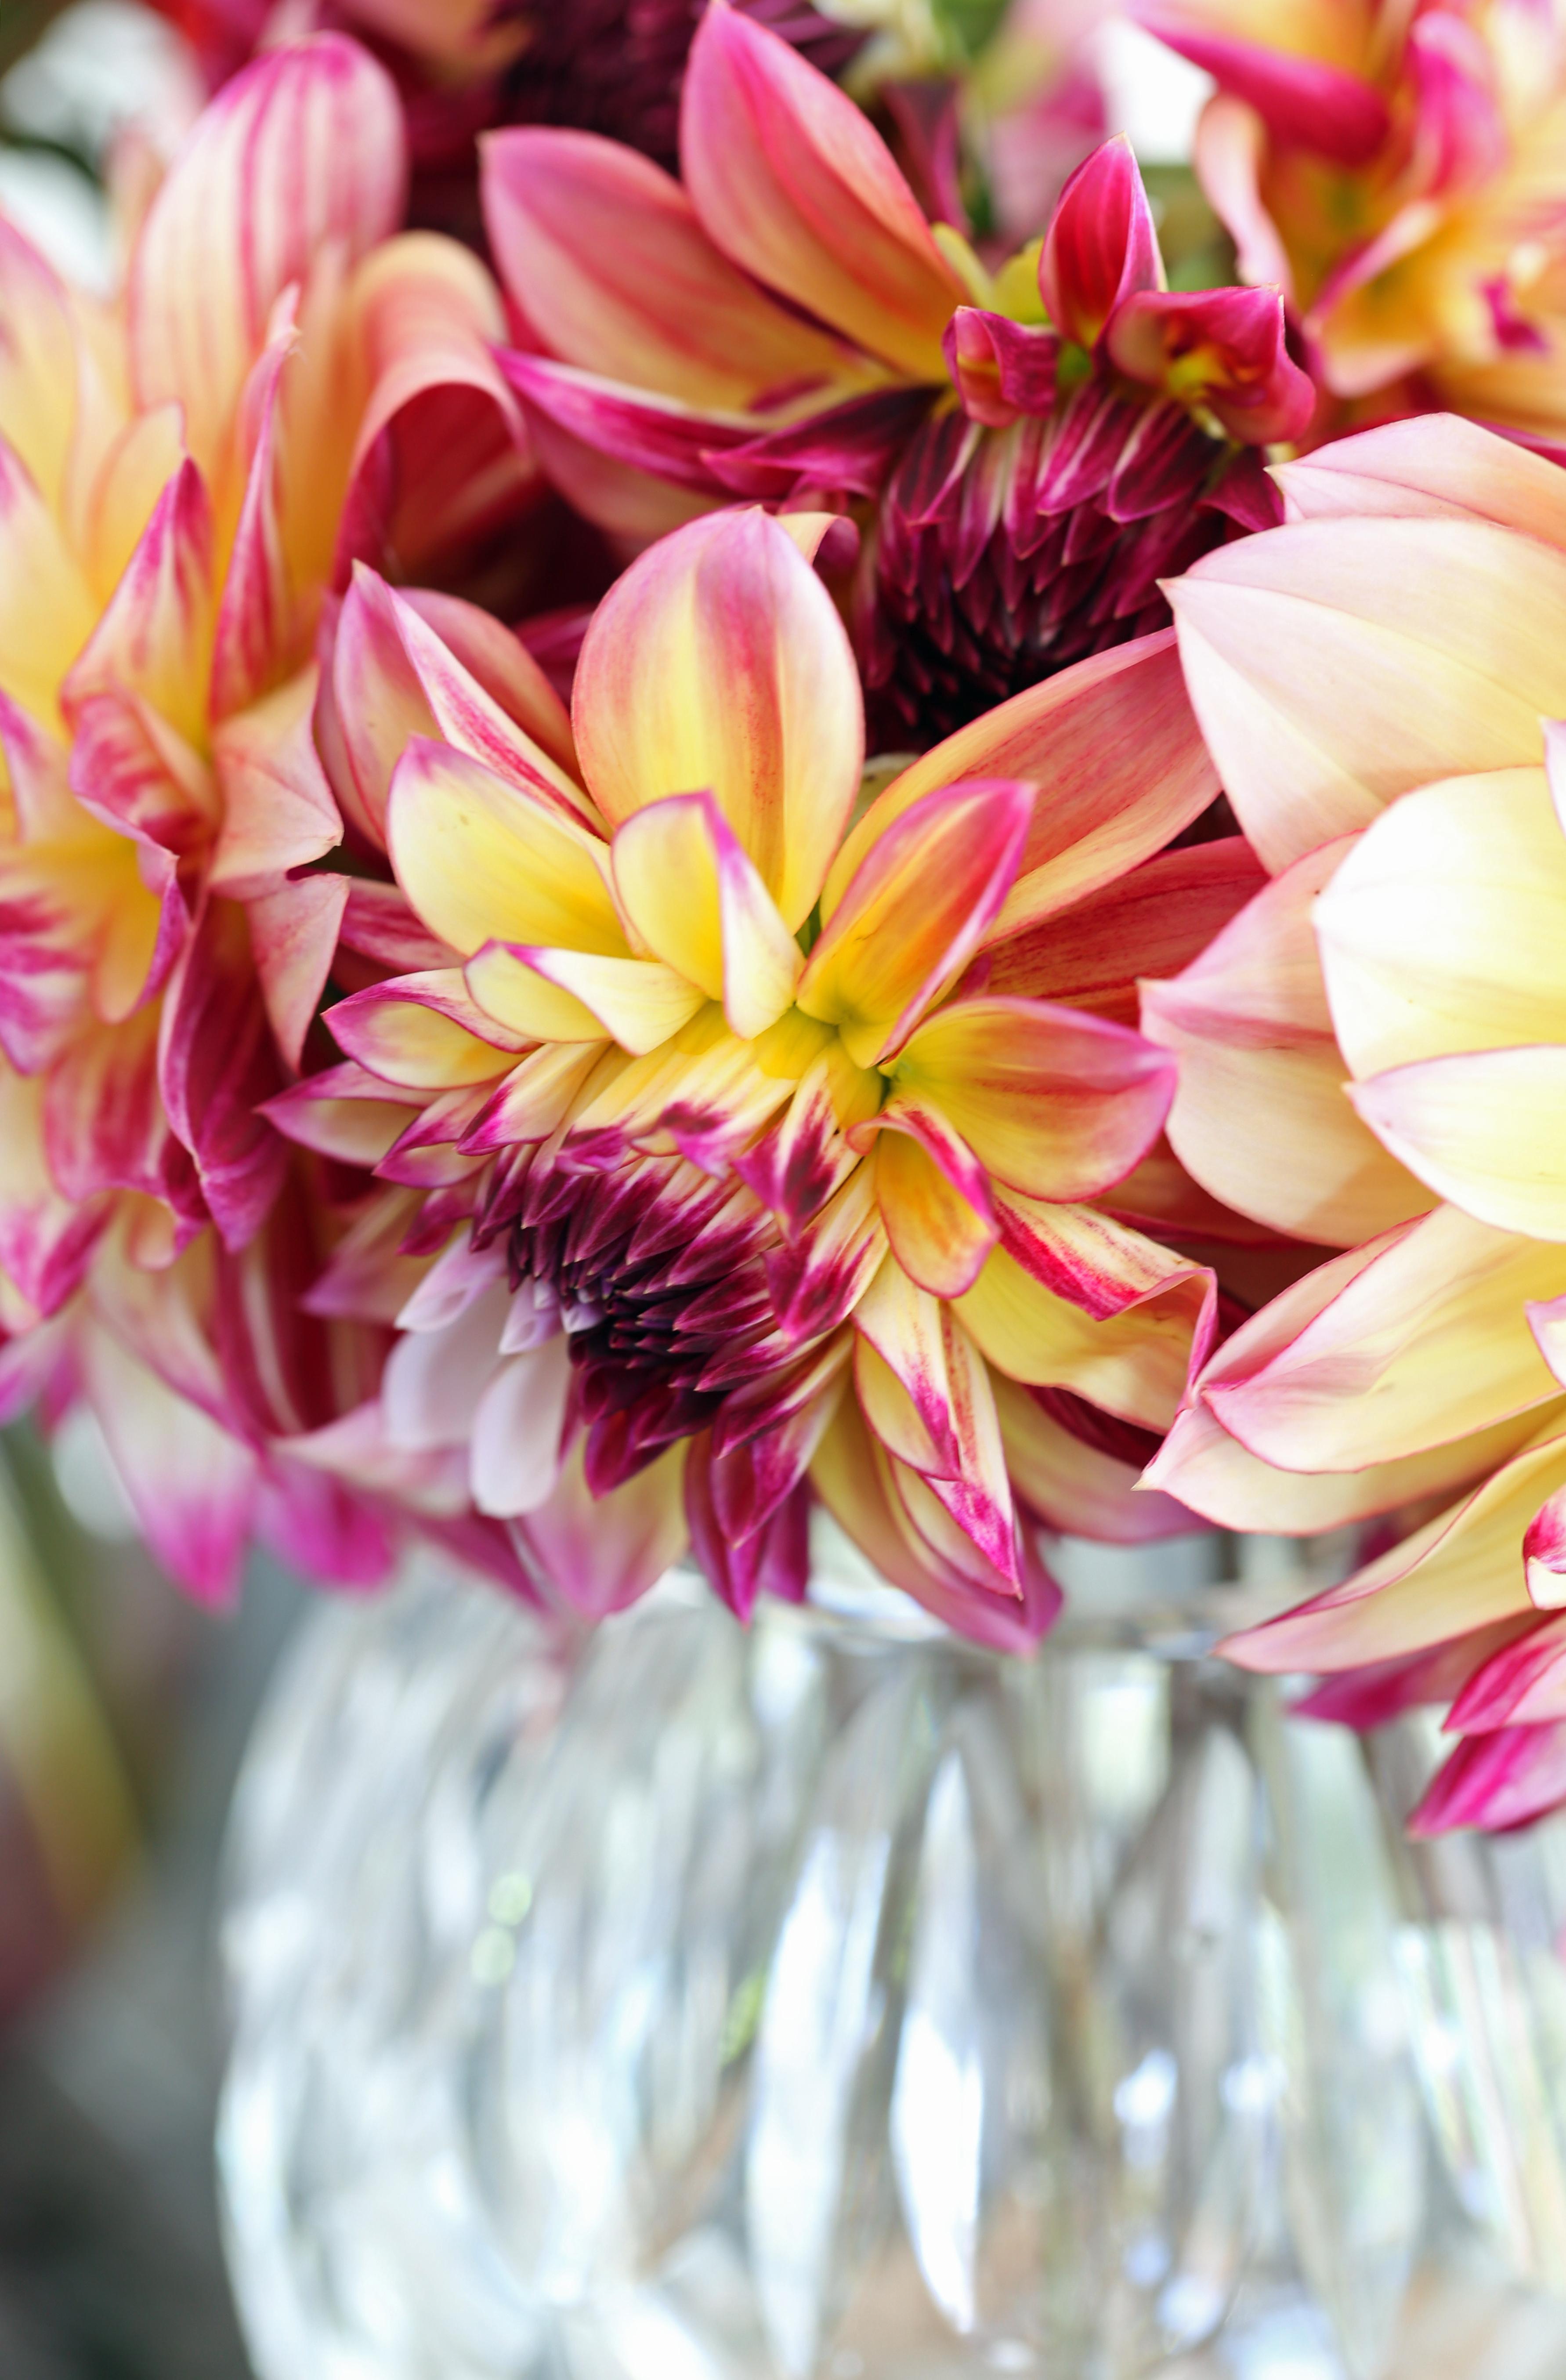 coup d'oeil du vendredi - delimoon.com - le bouquet de dahlias - comment ne pas être touché par la beauté des fleurs